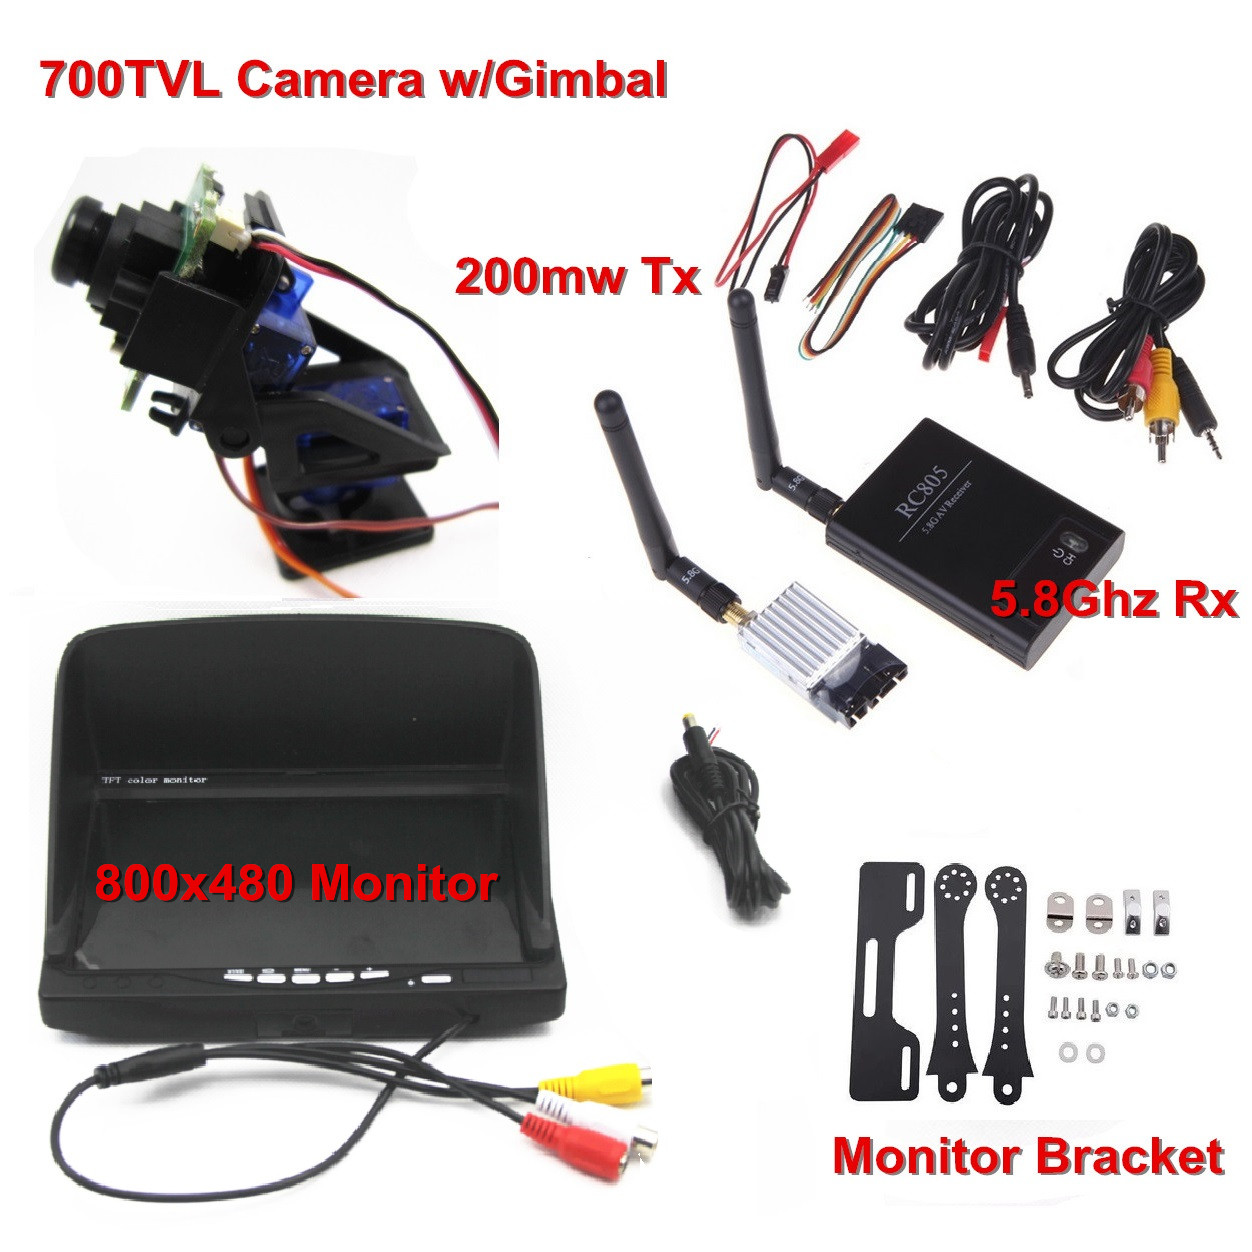 FPV Combo 5.8 ghz FPV Système 700TVL caméra w/cardan 5.8 ghz Rx et 200 mw Tx et 800x480 Moniteur Pour FPV Quadcopter